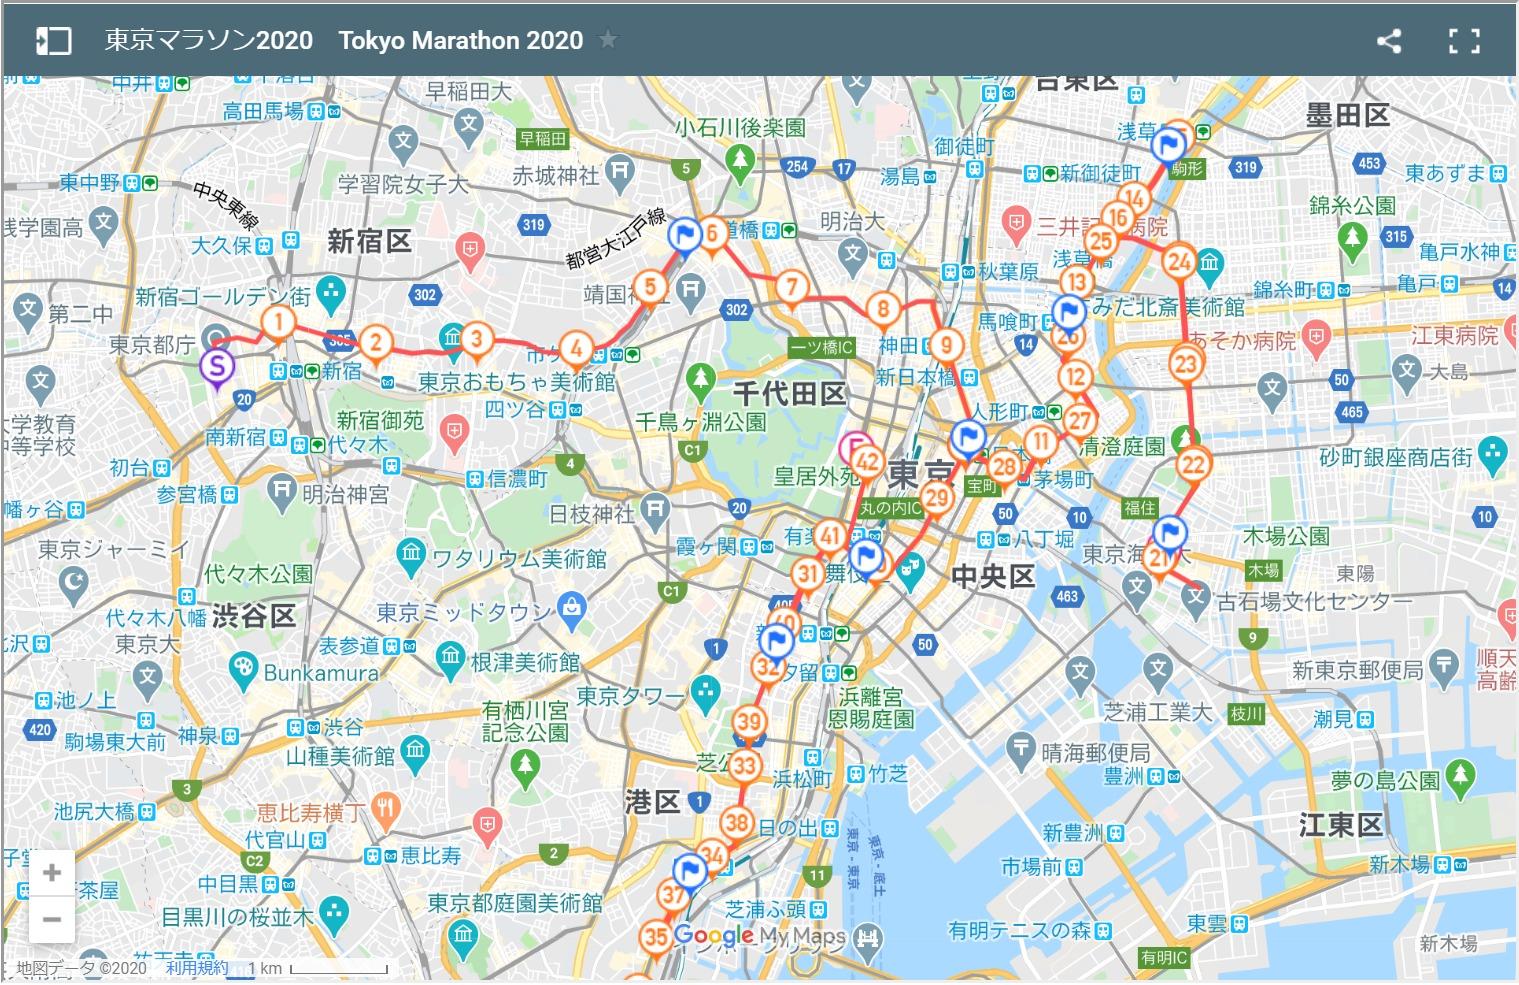 東京マラソン2020コースマップ